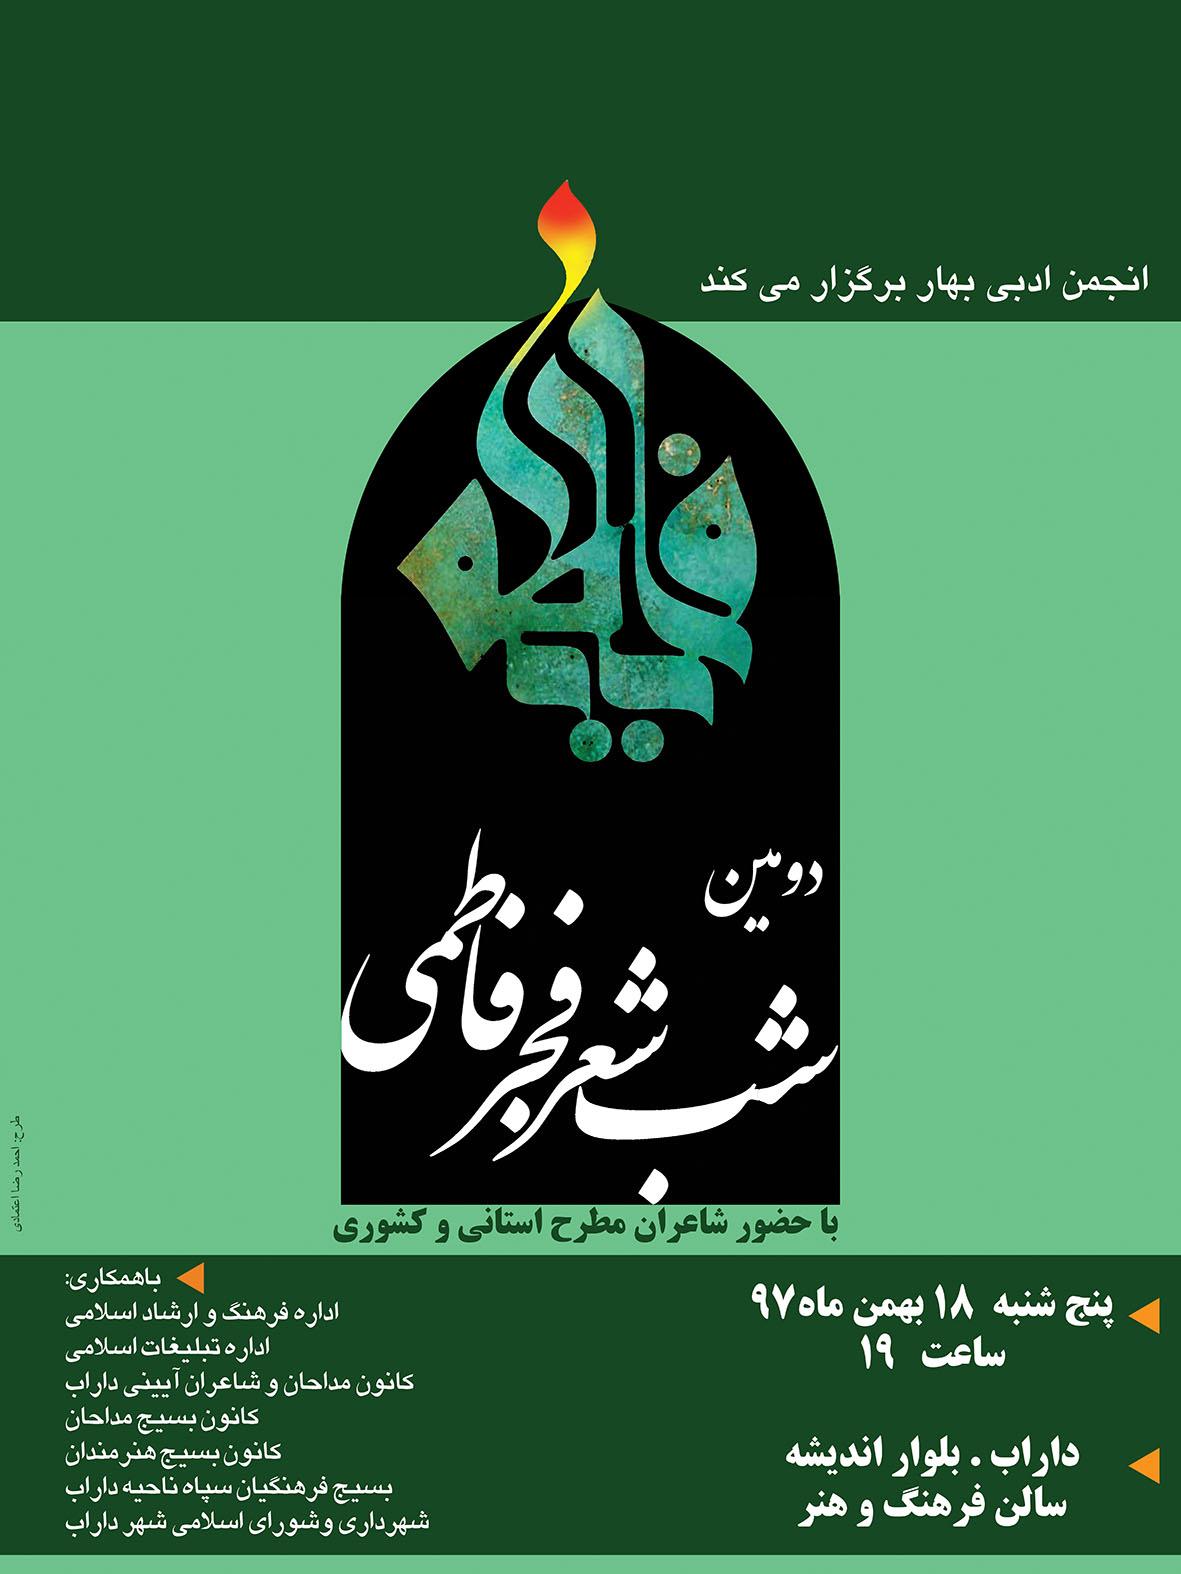 دومین شب شعر فاطمی داراب در دهه فجر برگزار می شود